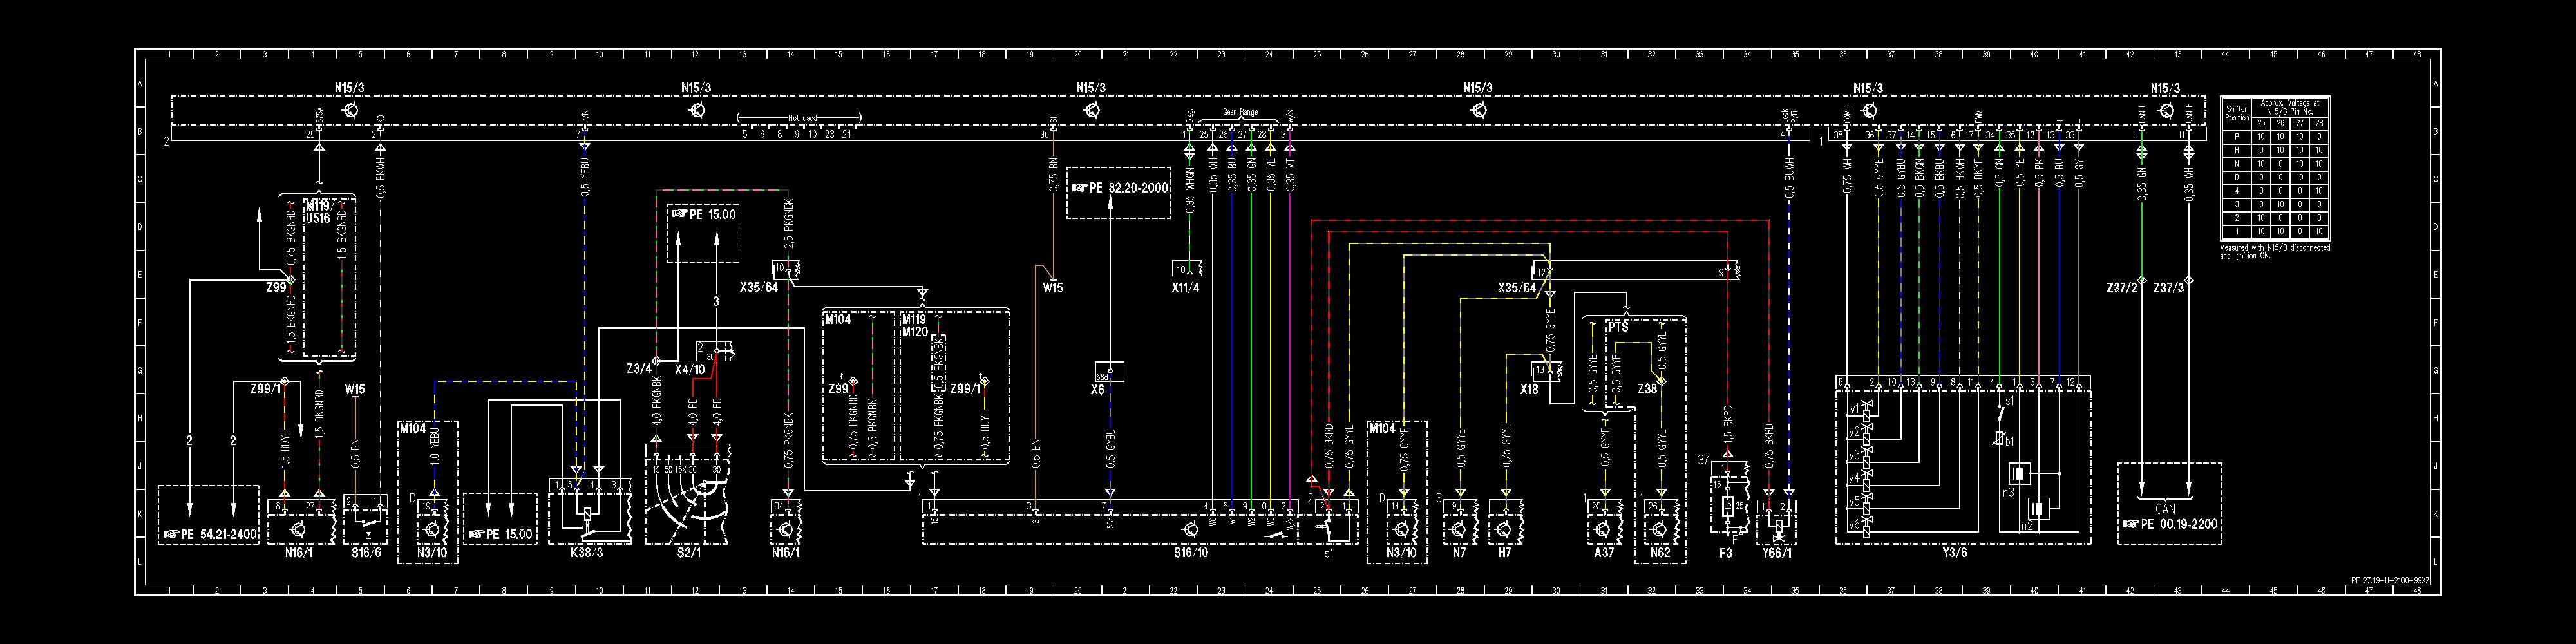 w27192100xz W Starter Wiring Diagram on w210 wiring diagram, w211 wiring diagram, w124 wiring diagram,